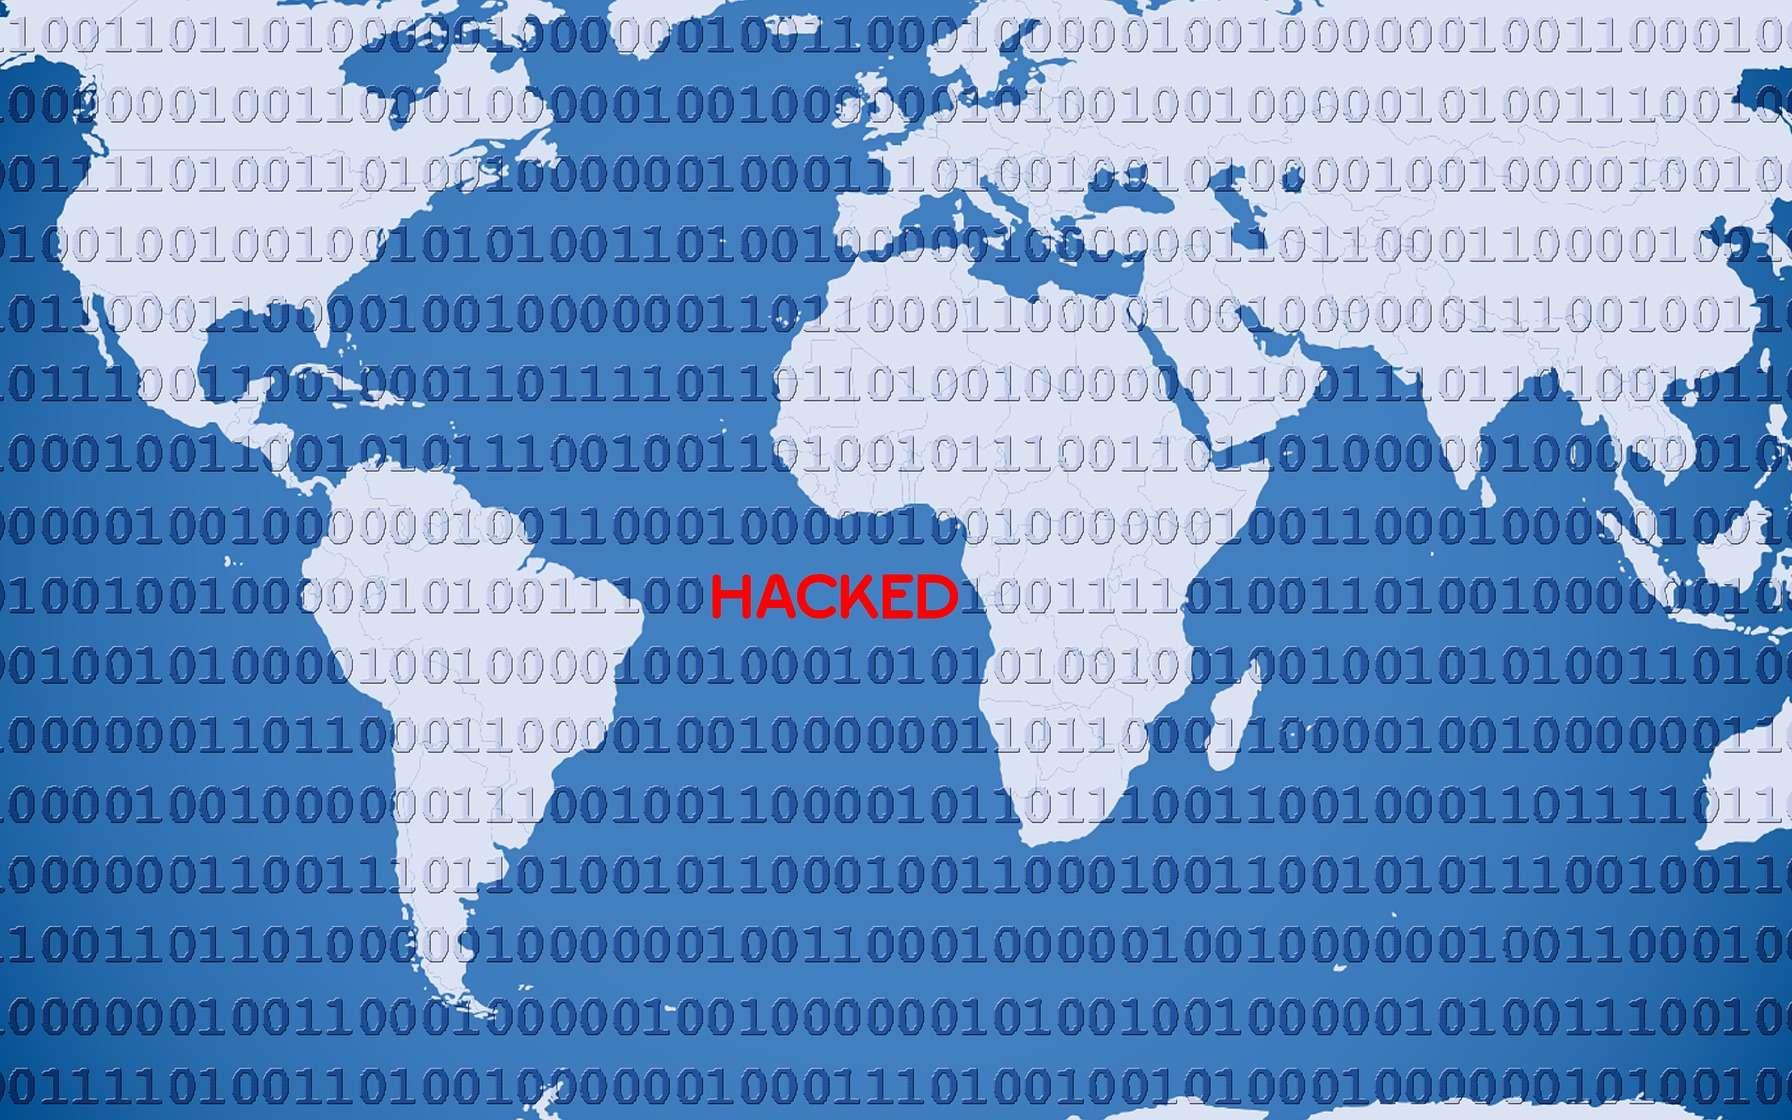 Une faille découverte dans l'antivirus Avast a contraint l'éditeur à désactiver le moteur JavaScript. © TheDigitalArtist, Pixabay